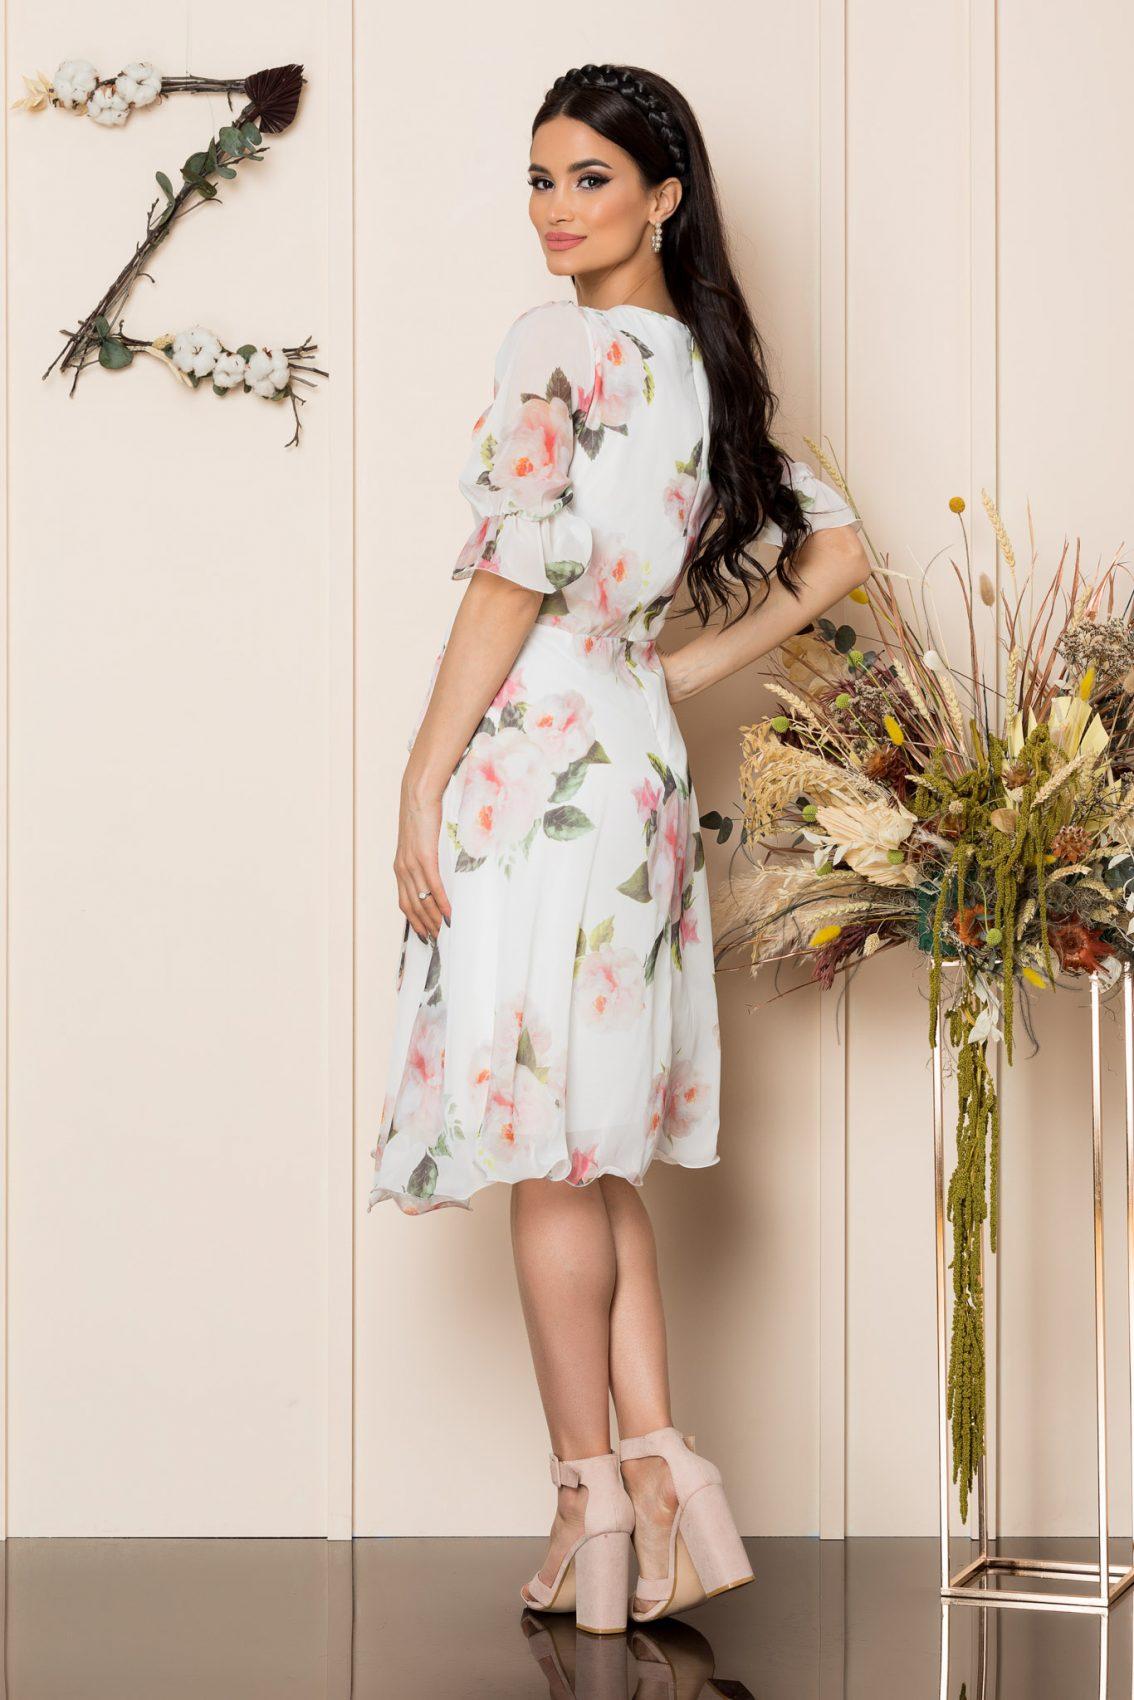 Λευκό Μίντι Φλοράλ Φόρεμα Hanelore A227 2